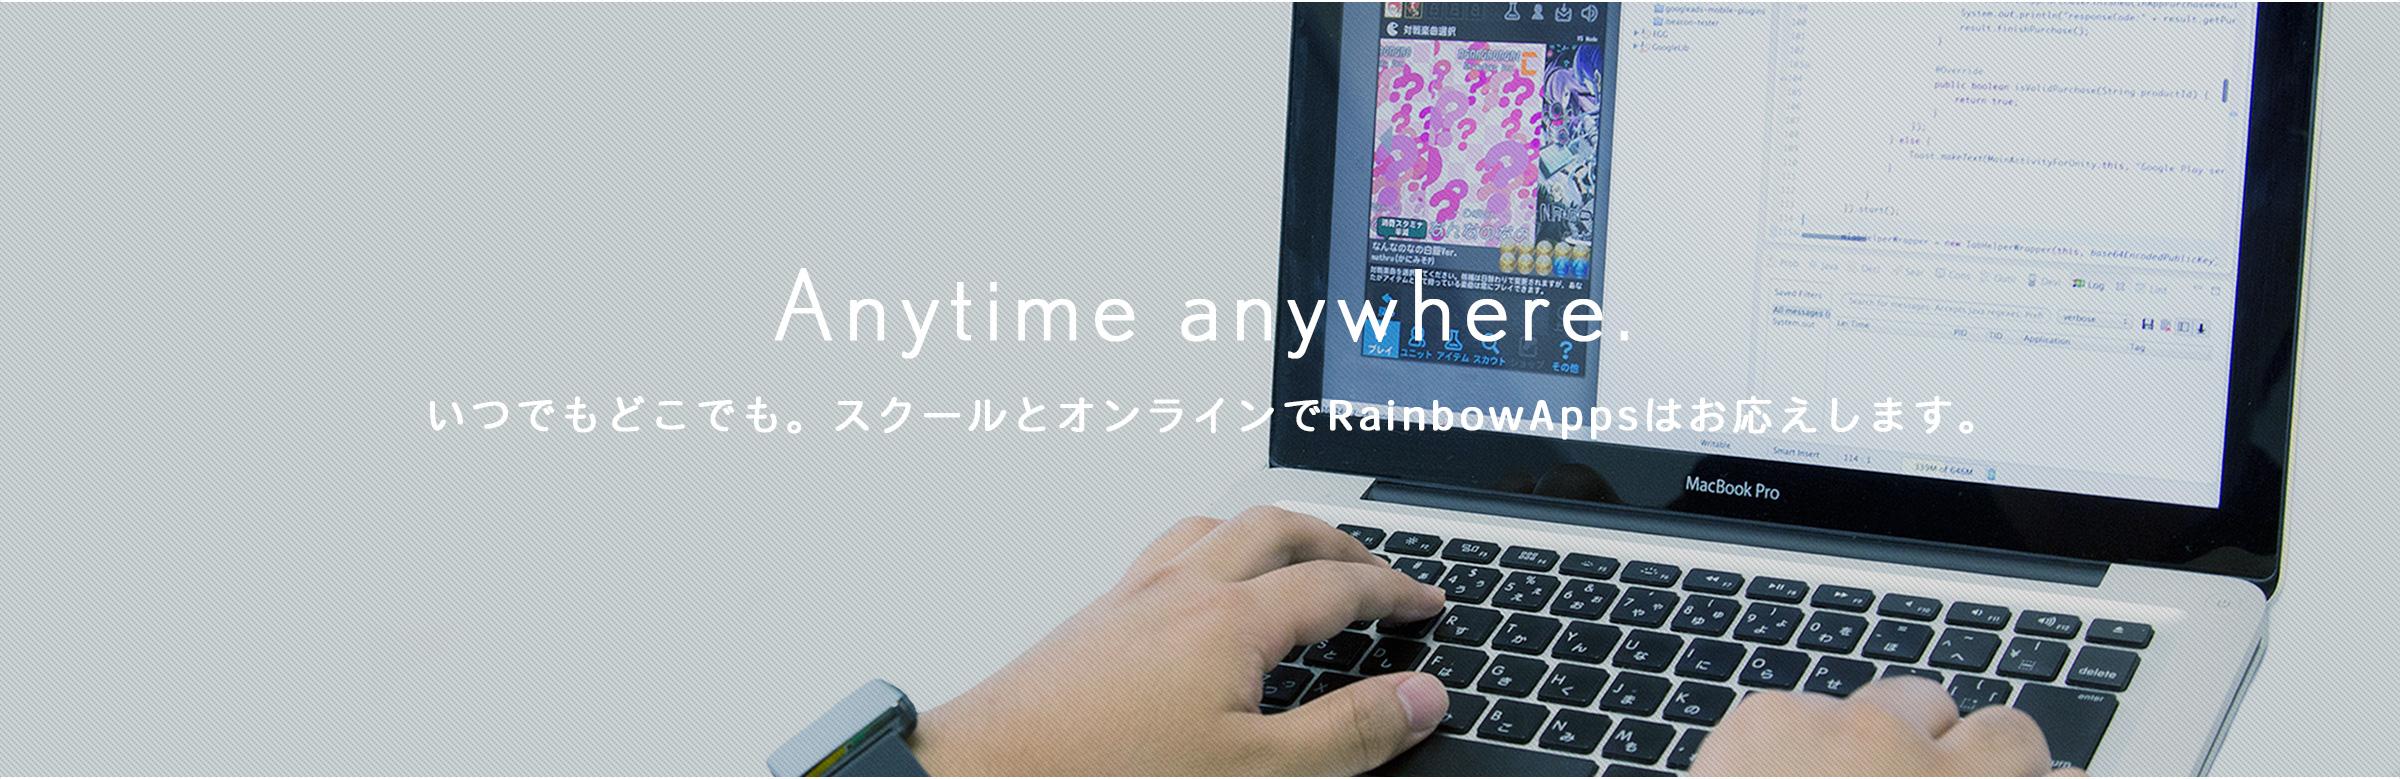 Anytime anywhere. いつでもどこでも。スクールとオンラインでRainbowAppsはお応えします。